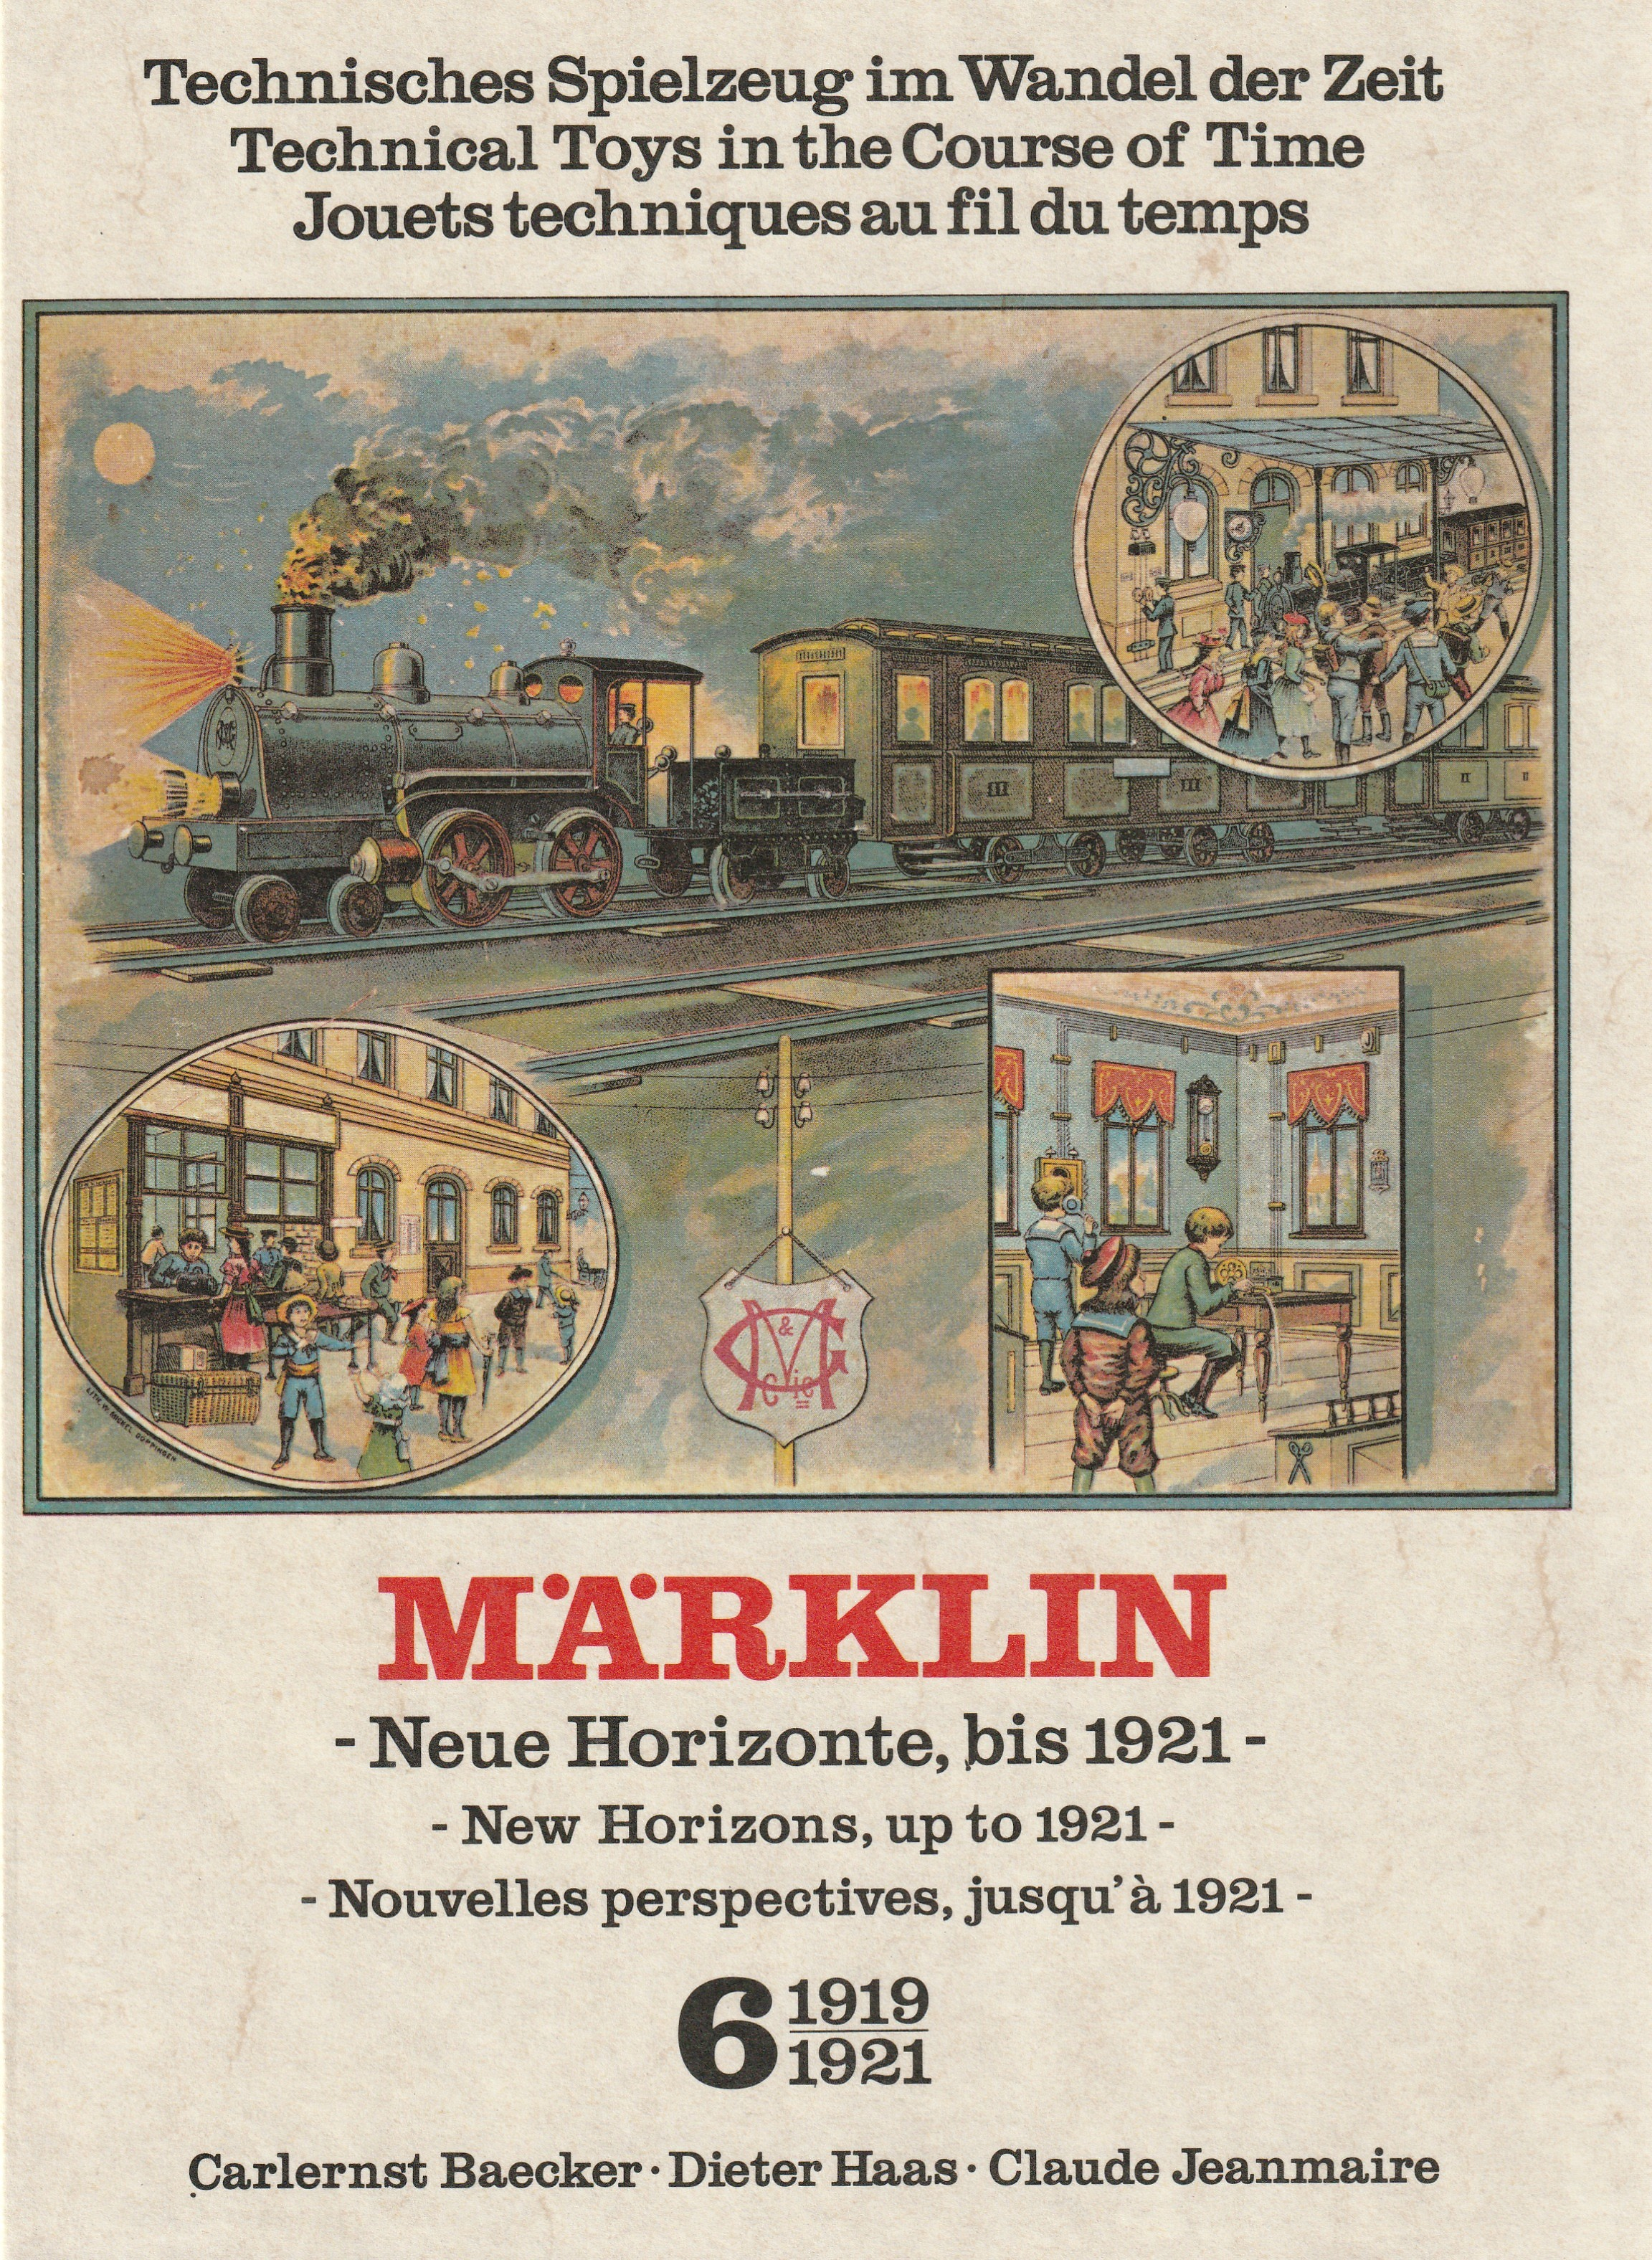 Maerklin Neue Horizonte, bis 1921 6 1010/1021